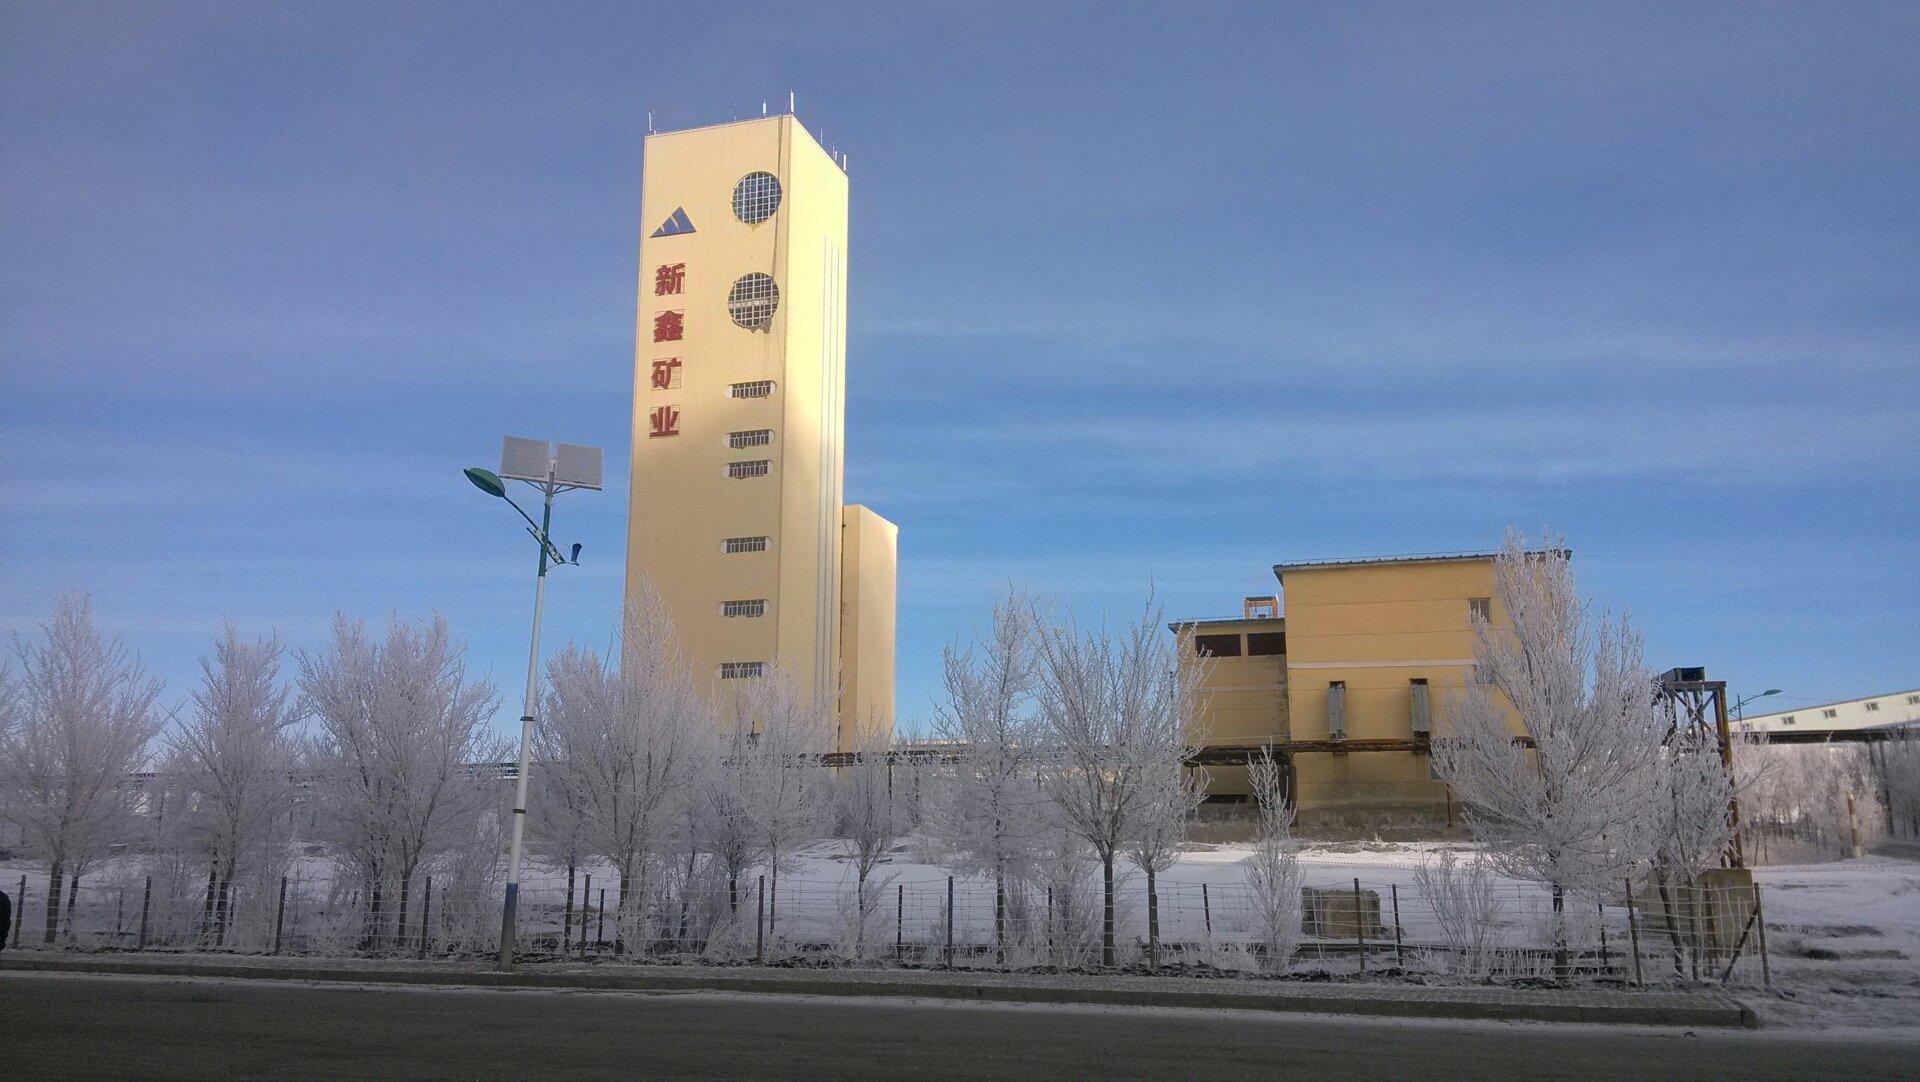 新疆维吾尔自治区阿勒泰地区富蕴县集镇路8号天气预报